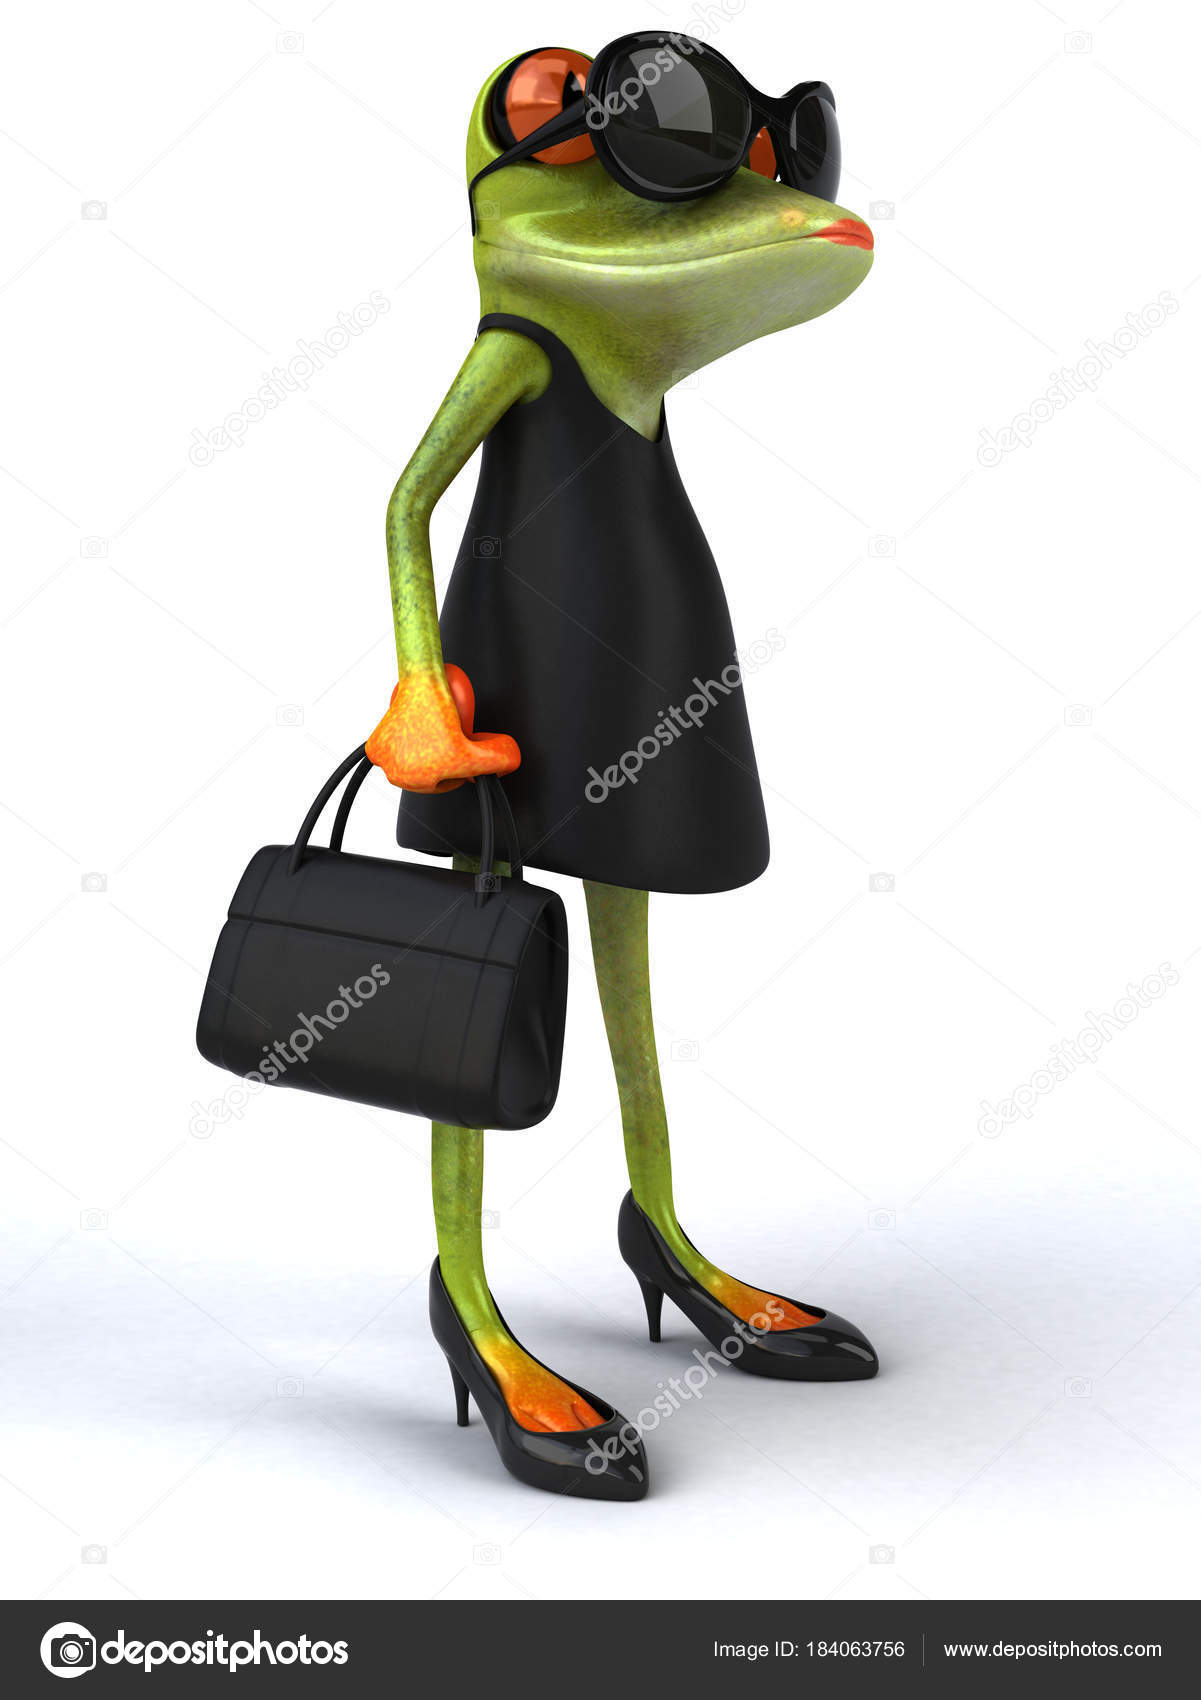 Lustige Frosch Charakter Illustration — Stockfoto © julos #184063756